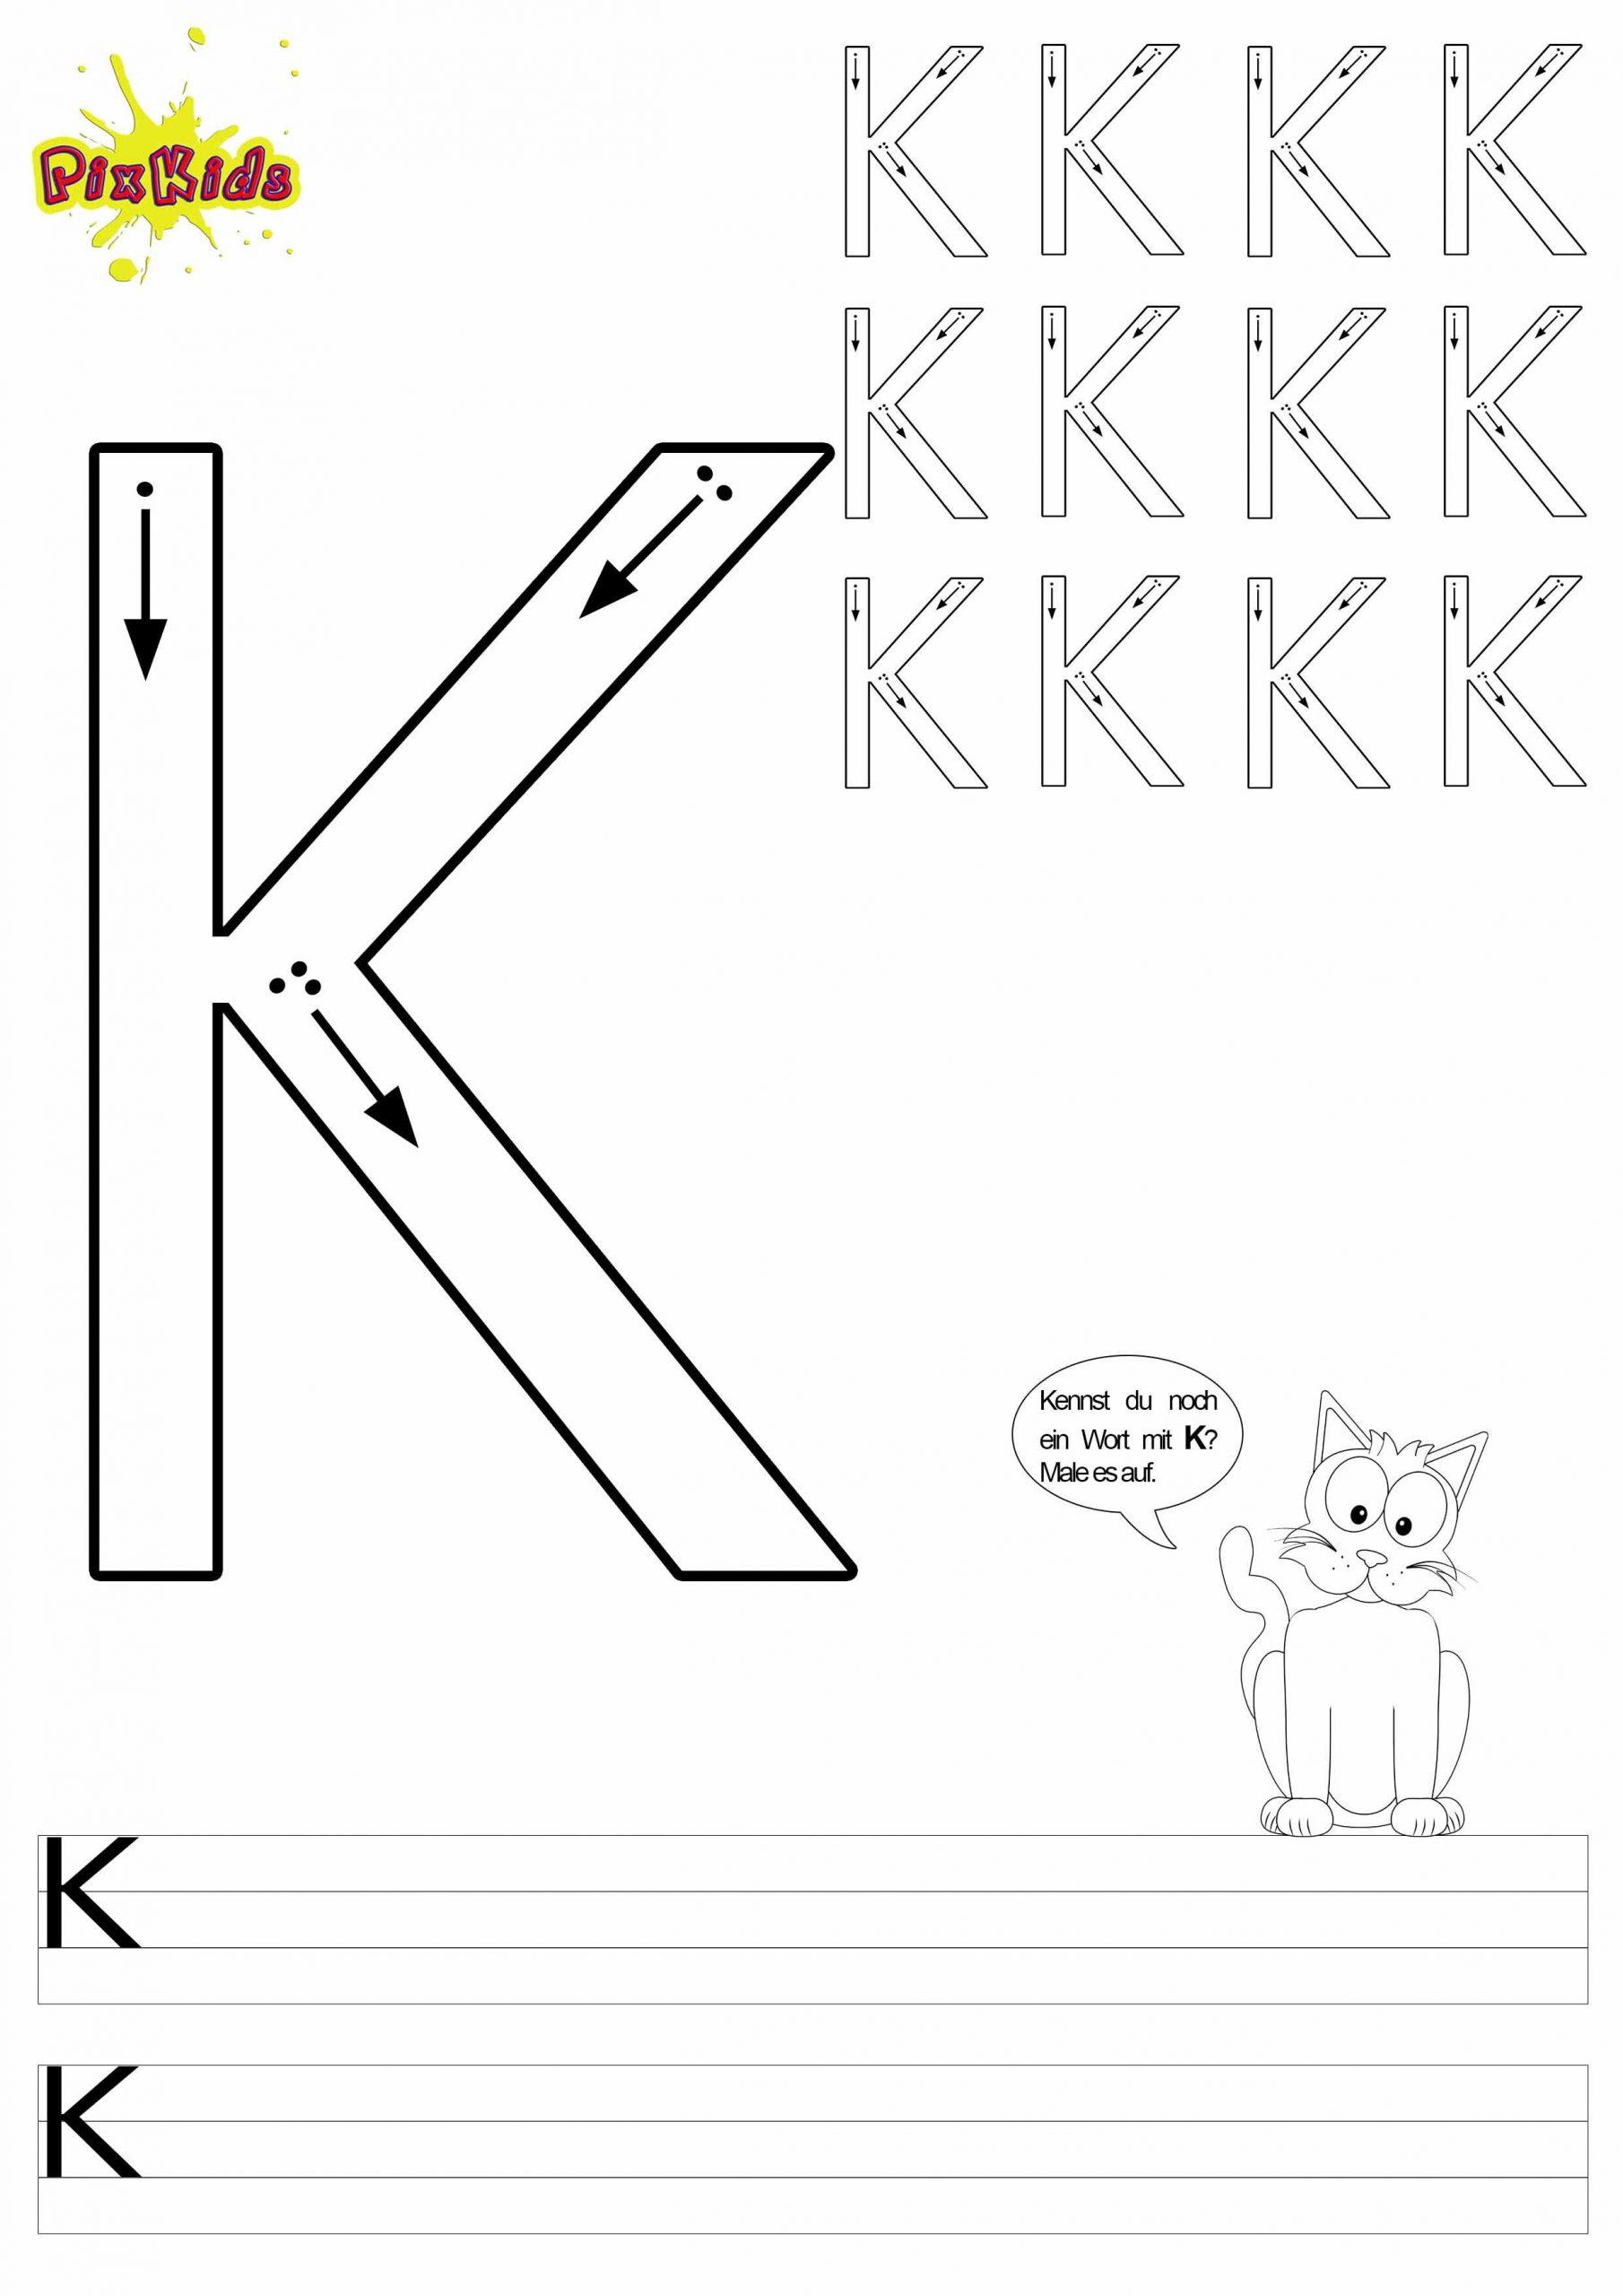 Buchstaben-Schreiben-Lernen-Arbeitsblätter-Buchstabe-K für Buchstaben Schreiben Lernen Zum Ausdrucken